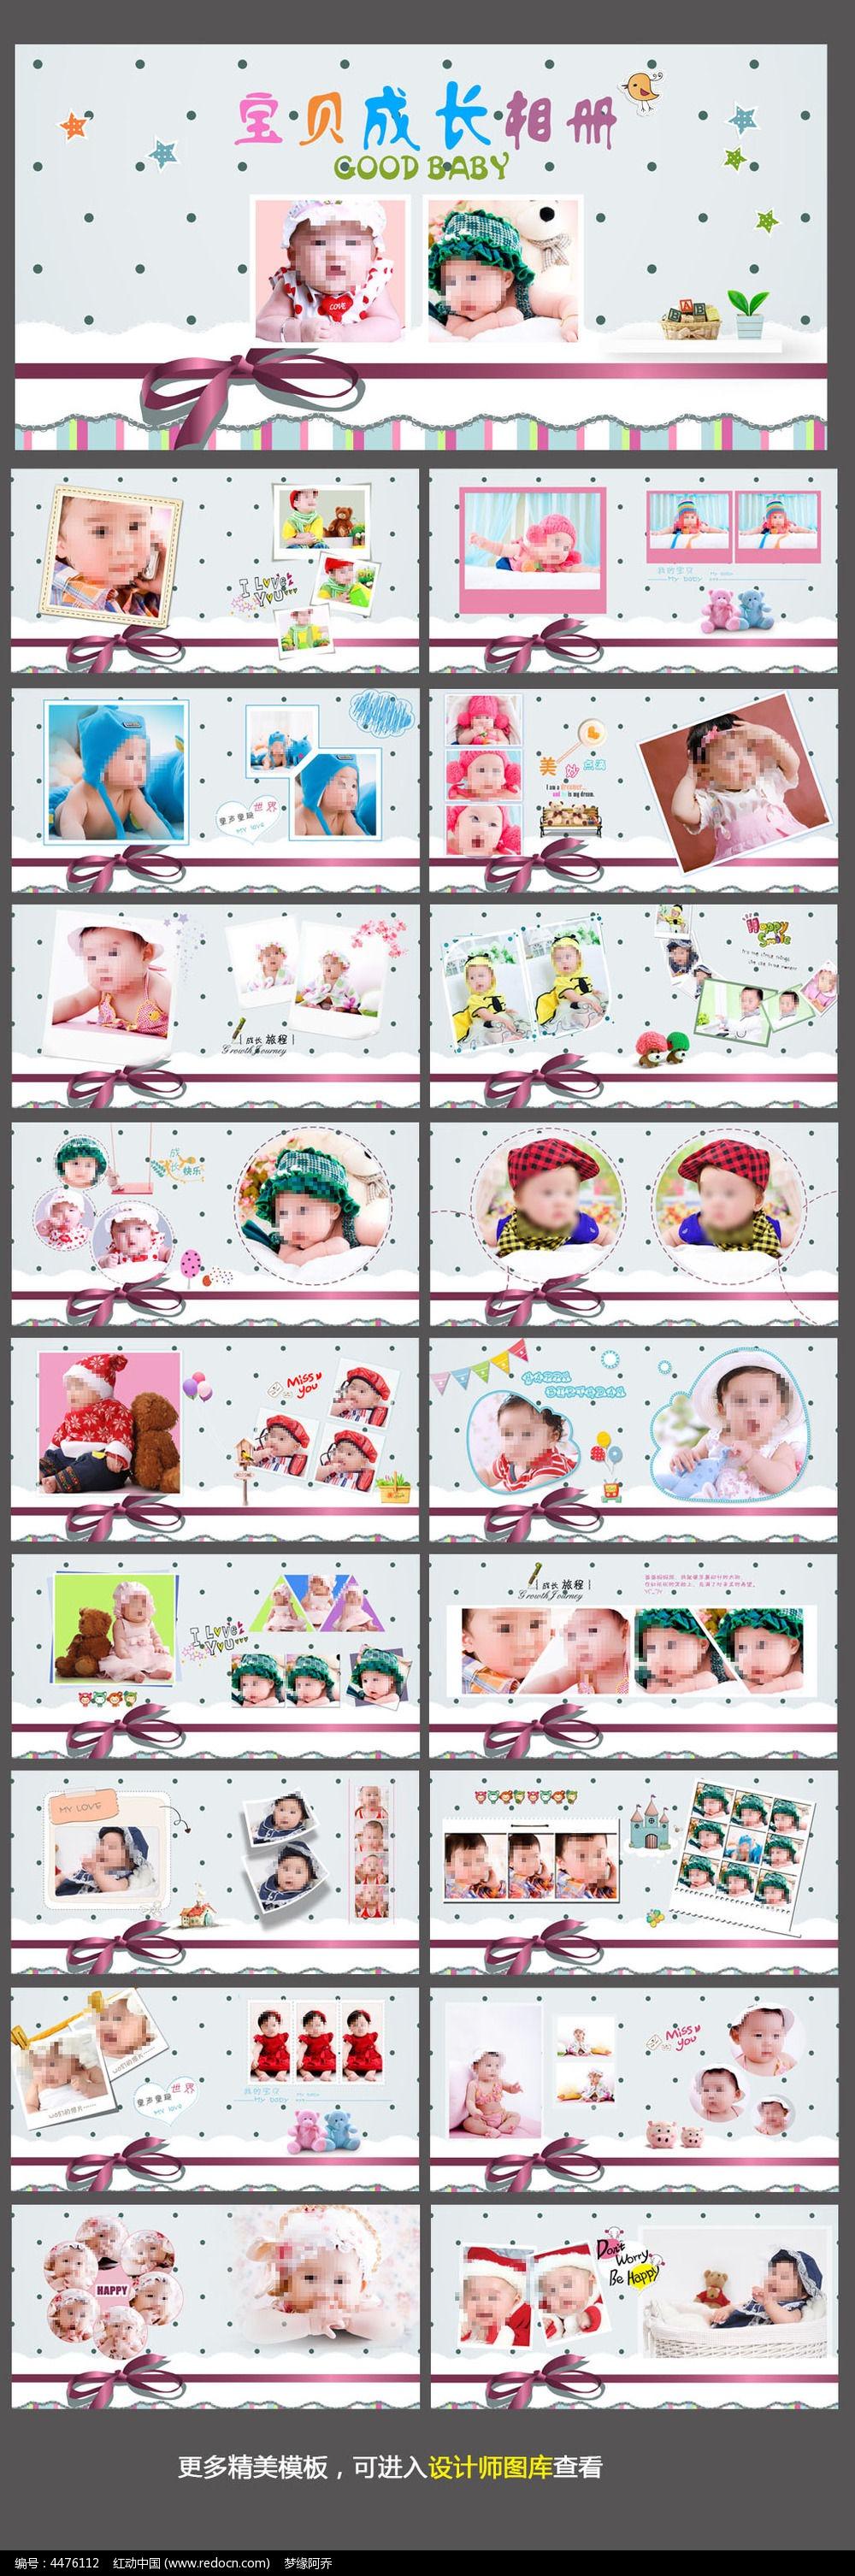 儿童成长写真相册模板PSD图片